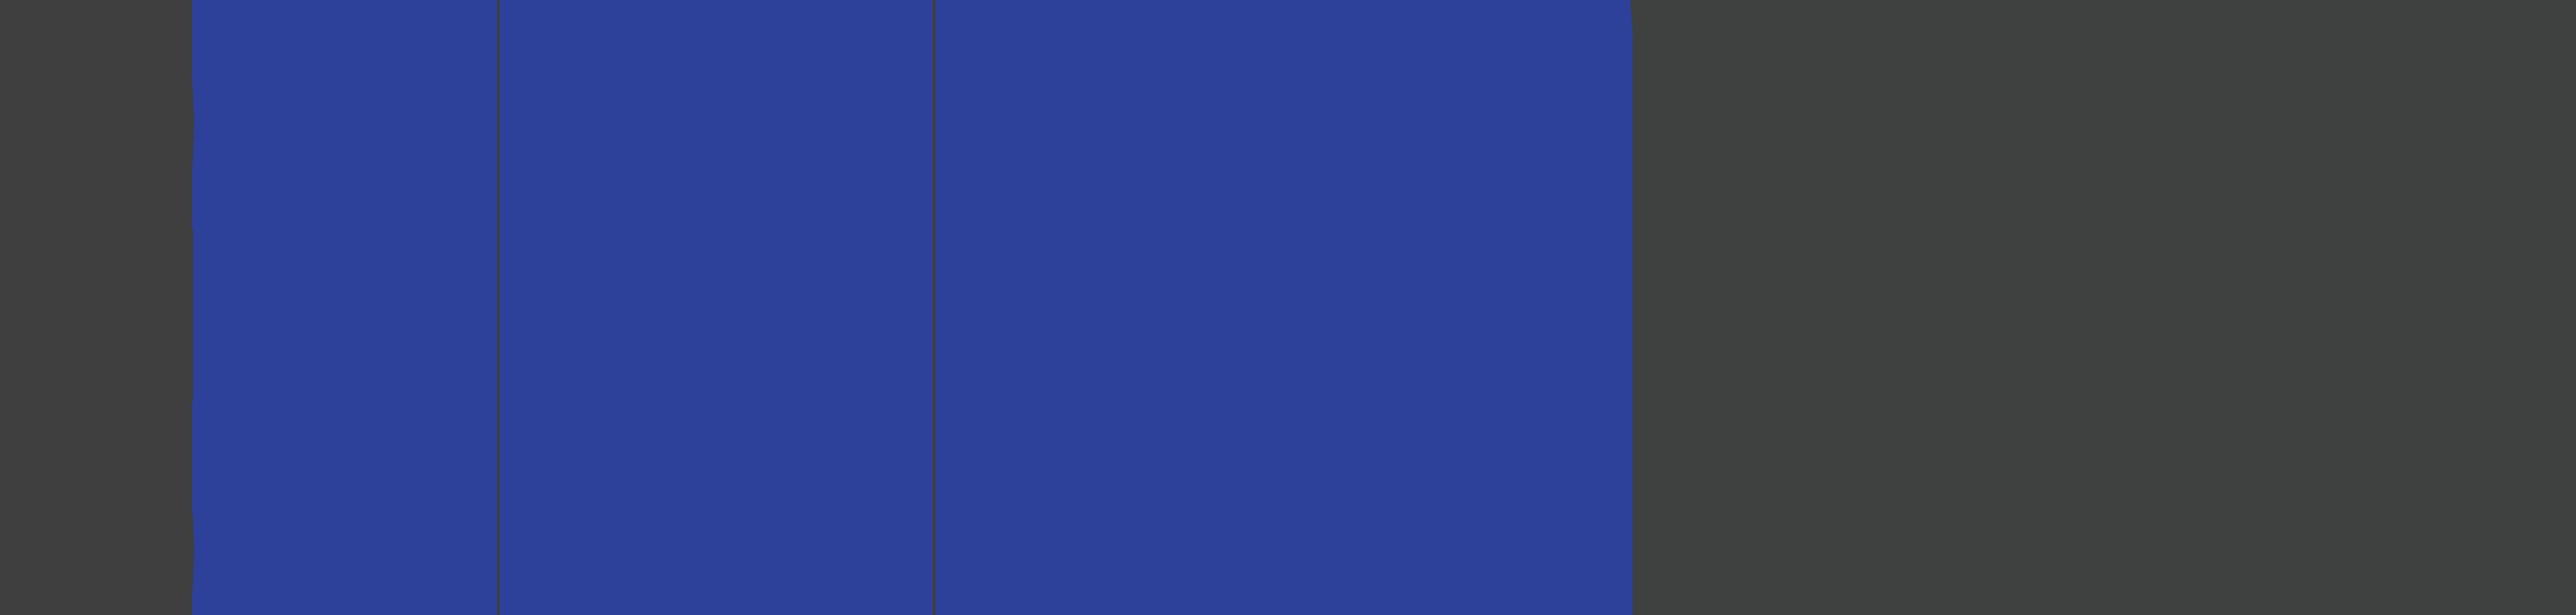 GTG Living Water